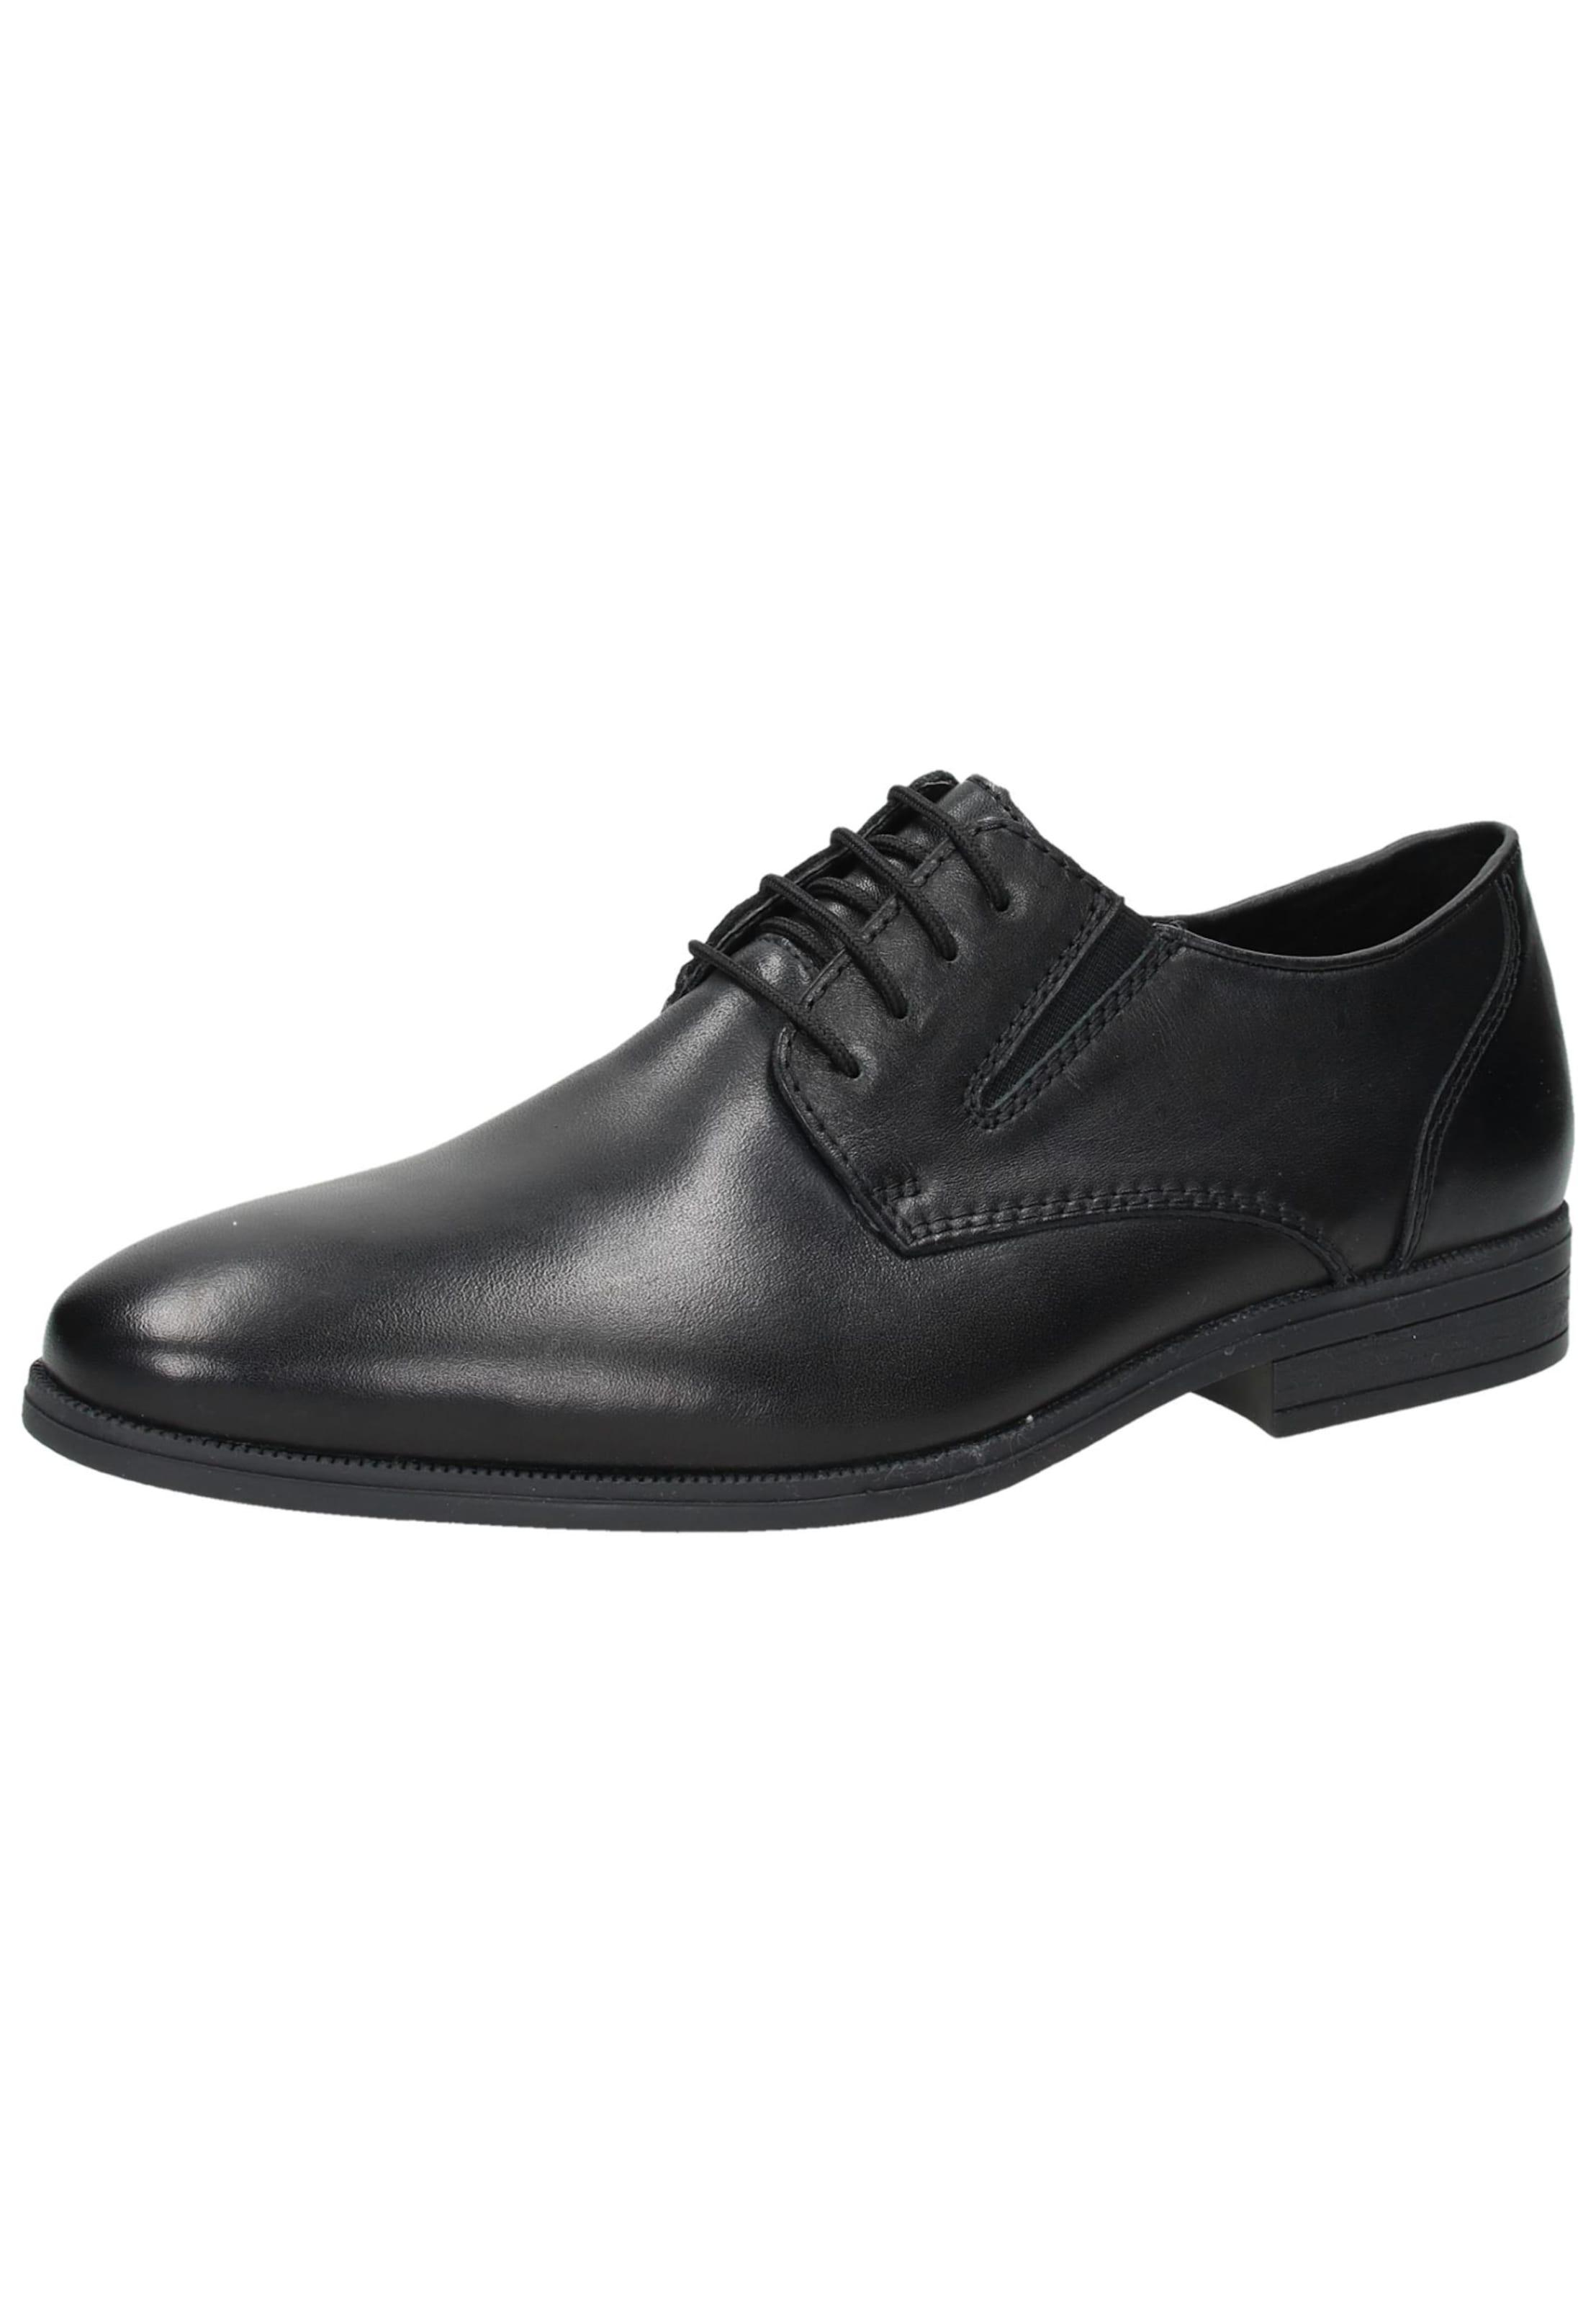 En Noir Rieker À Lacets Chaussure 6Ybyvgf7